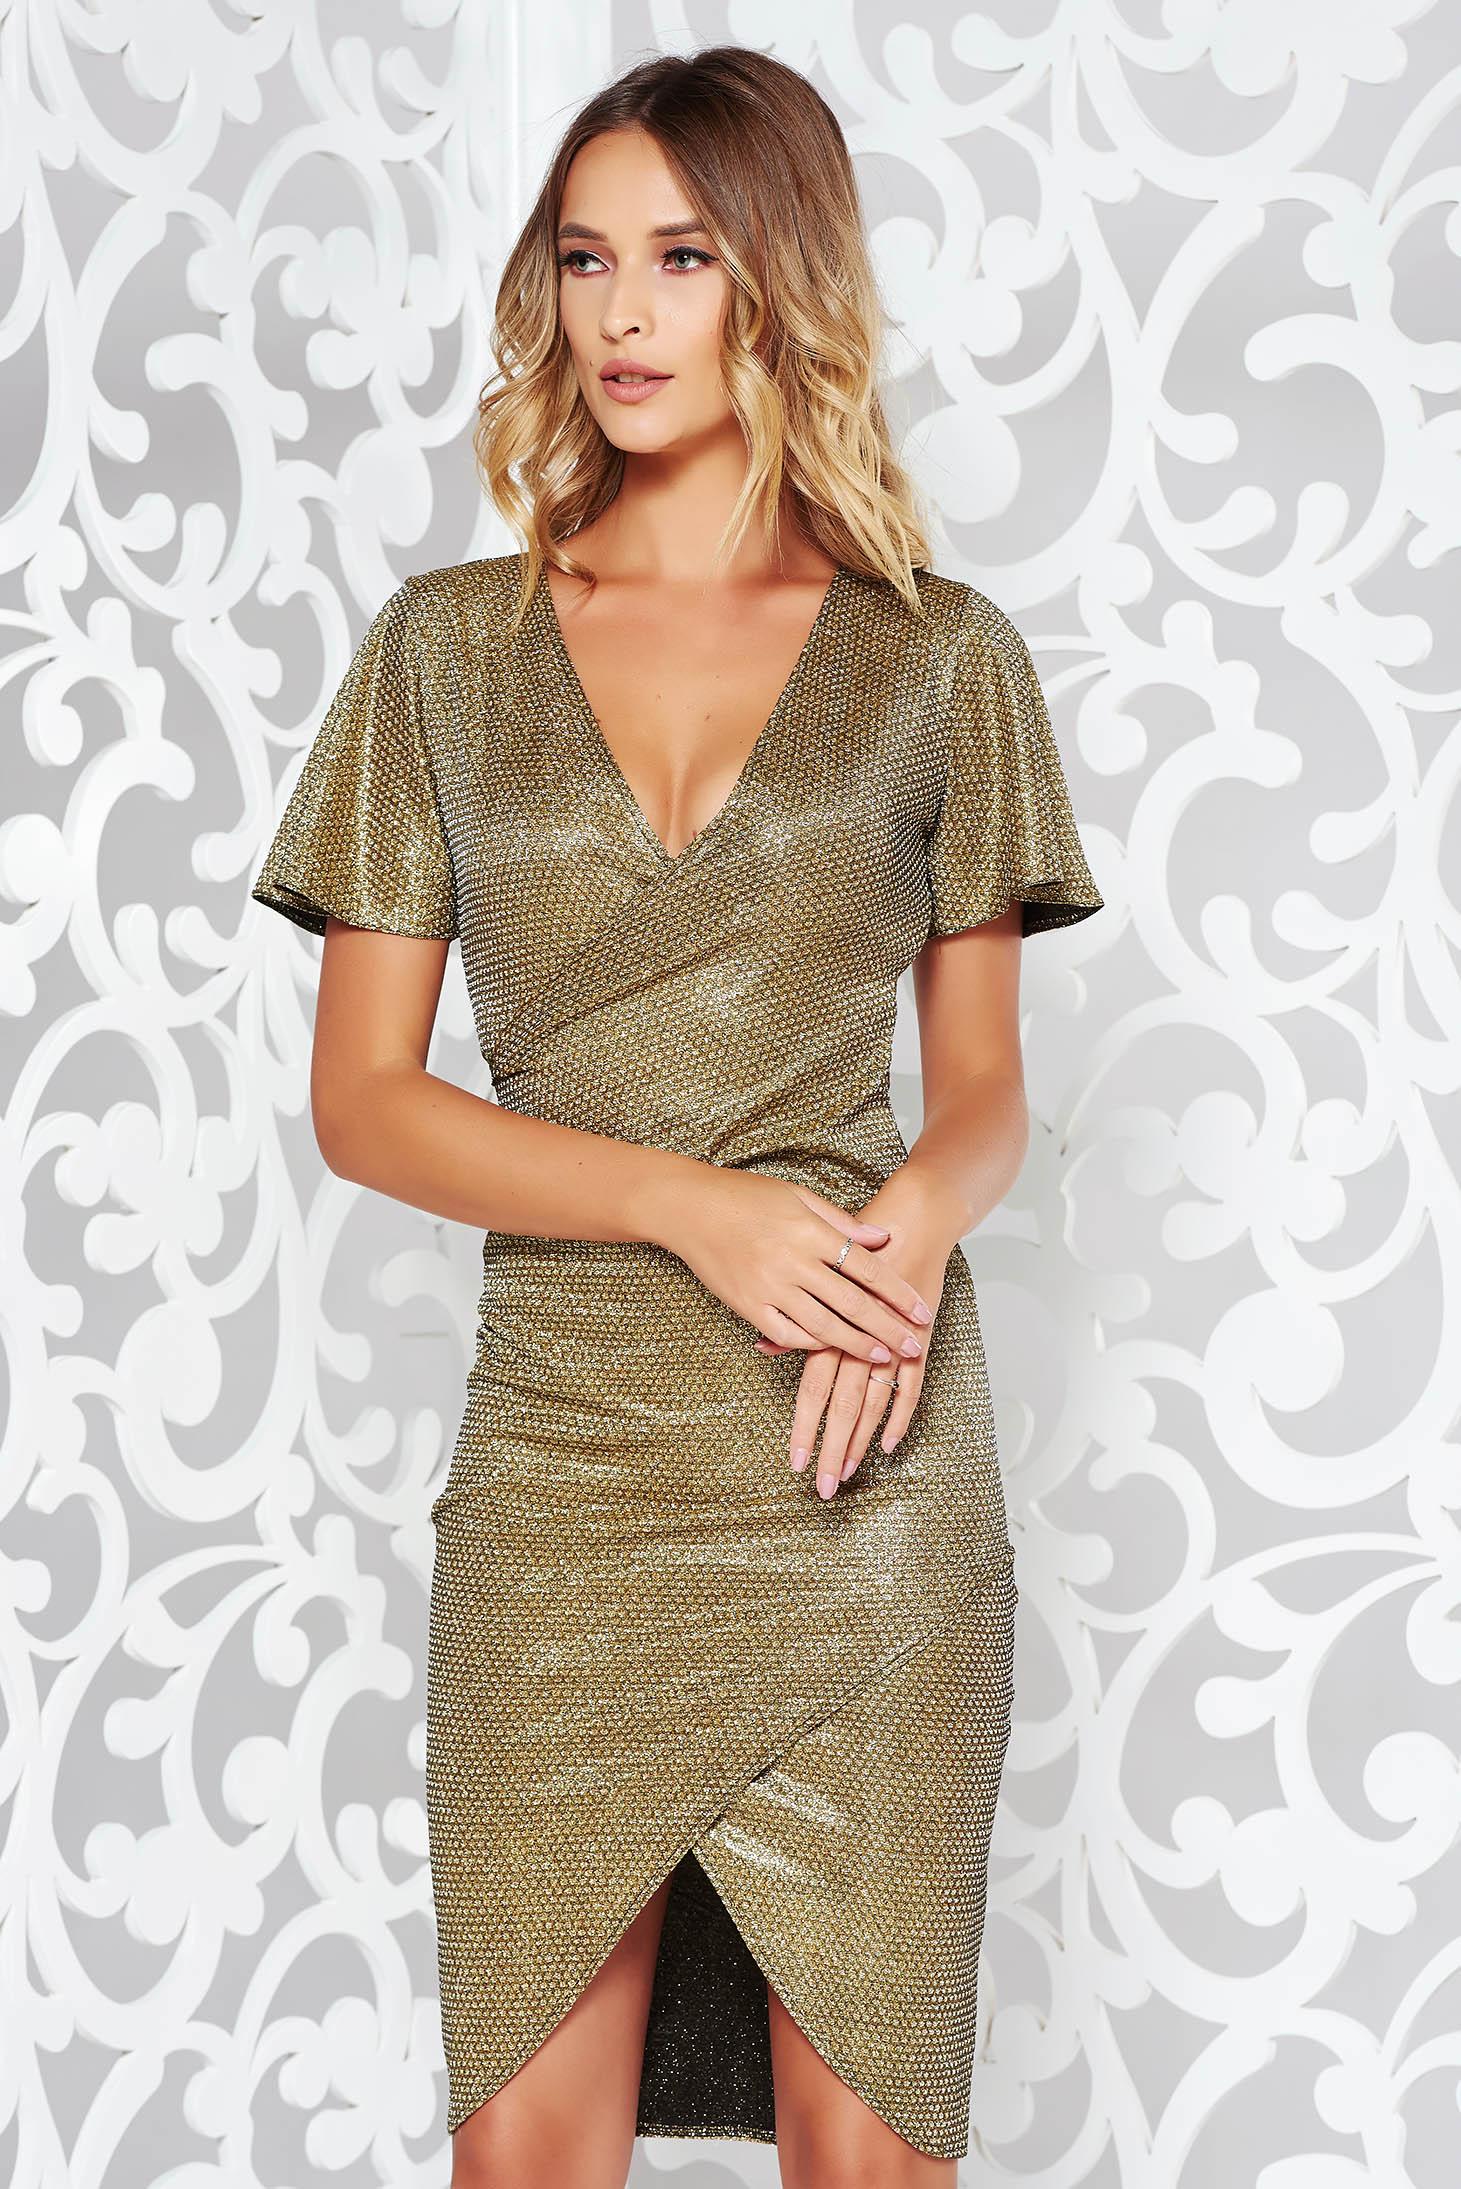 Arany StarShinerS alkalmi ruha szűk szabás enyhén rugalmas anyag csillogó  díszítések 1187d05838